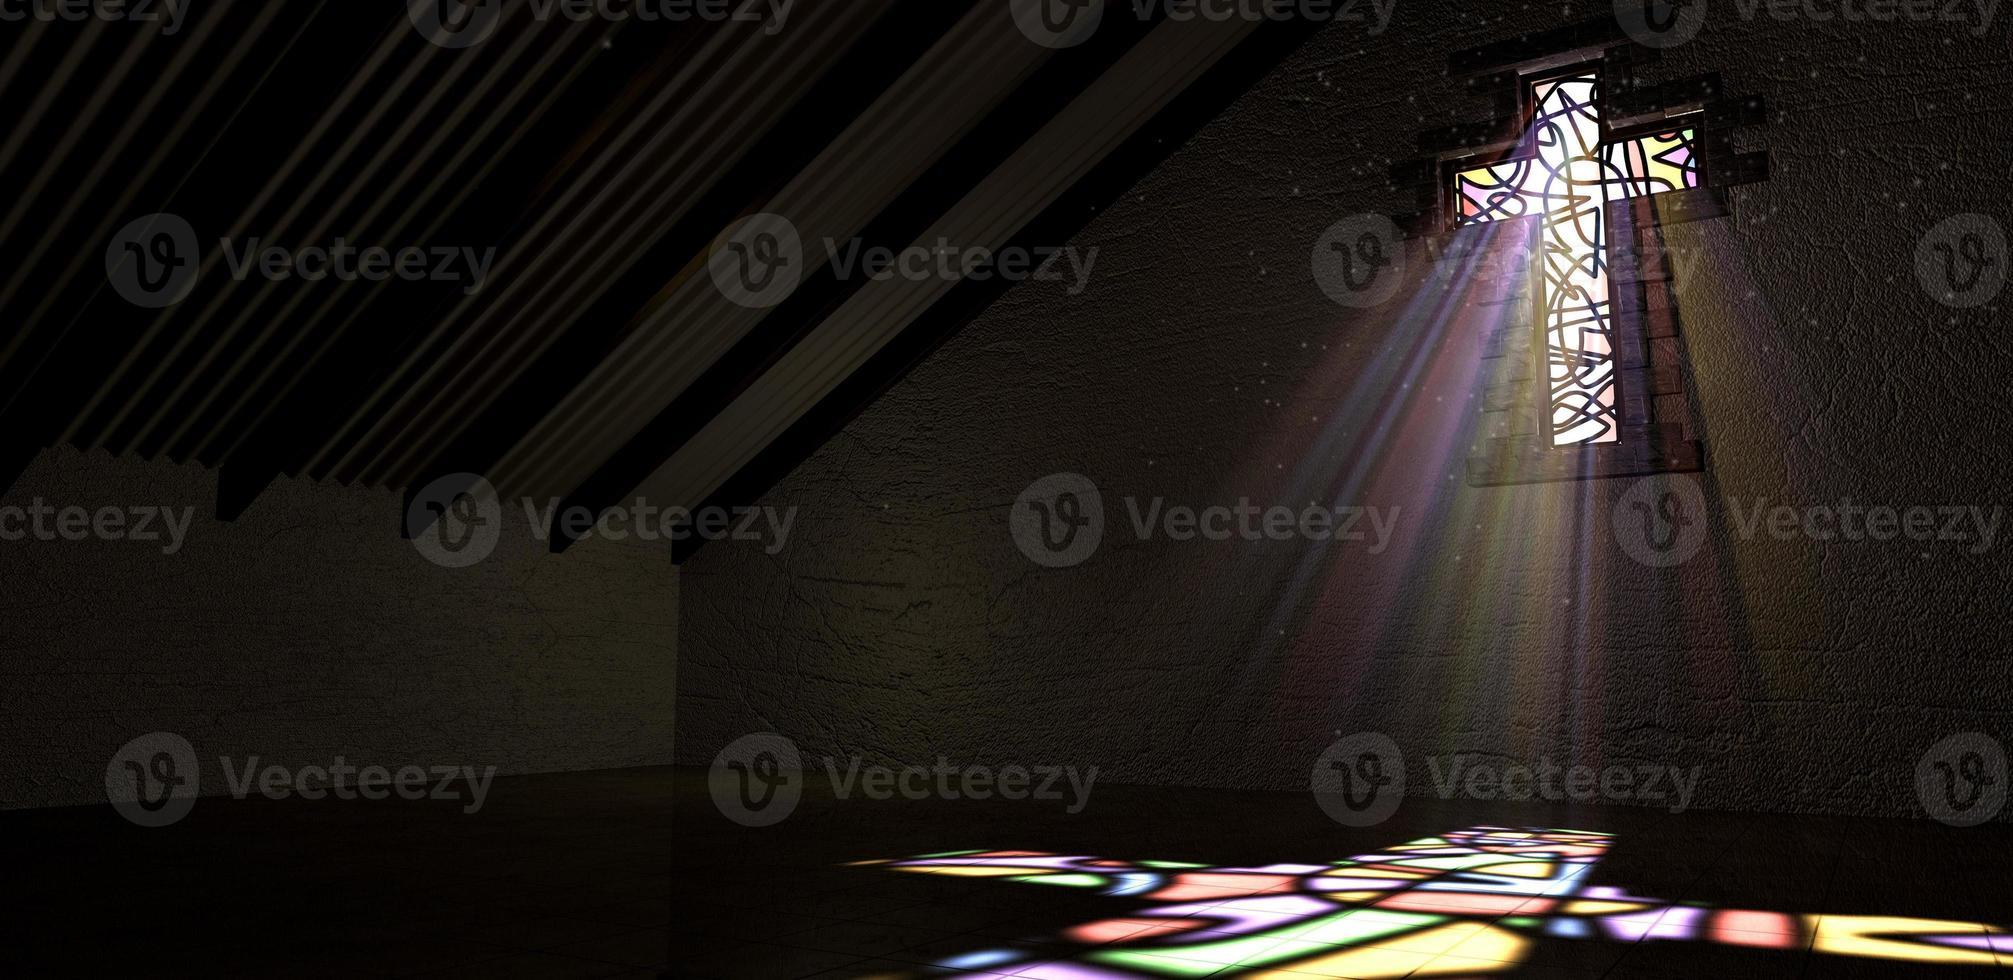 målat glas fönster krusifix ljusstråle färg foto